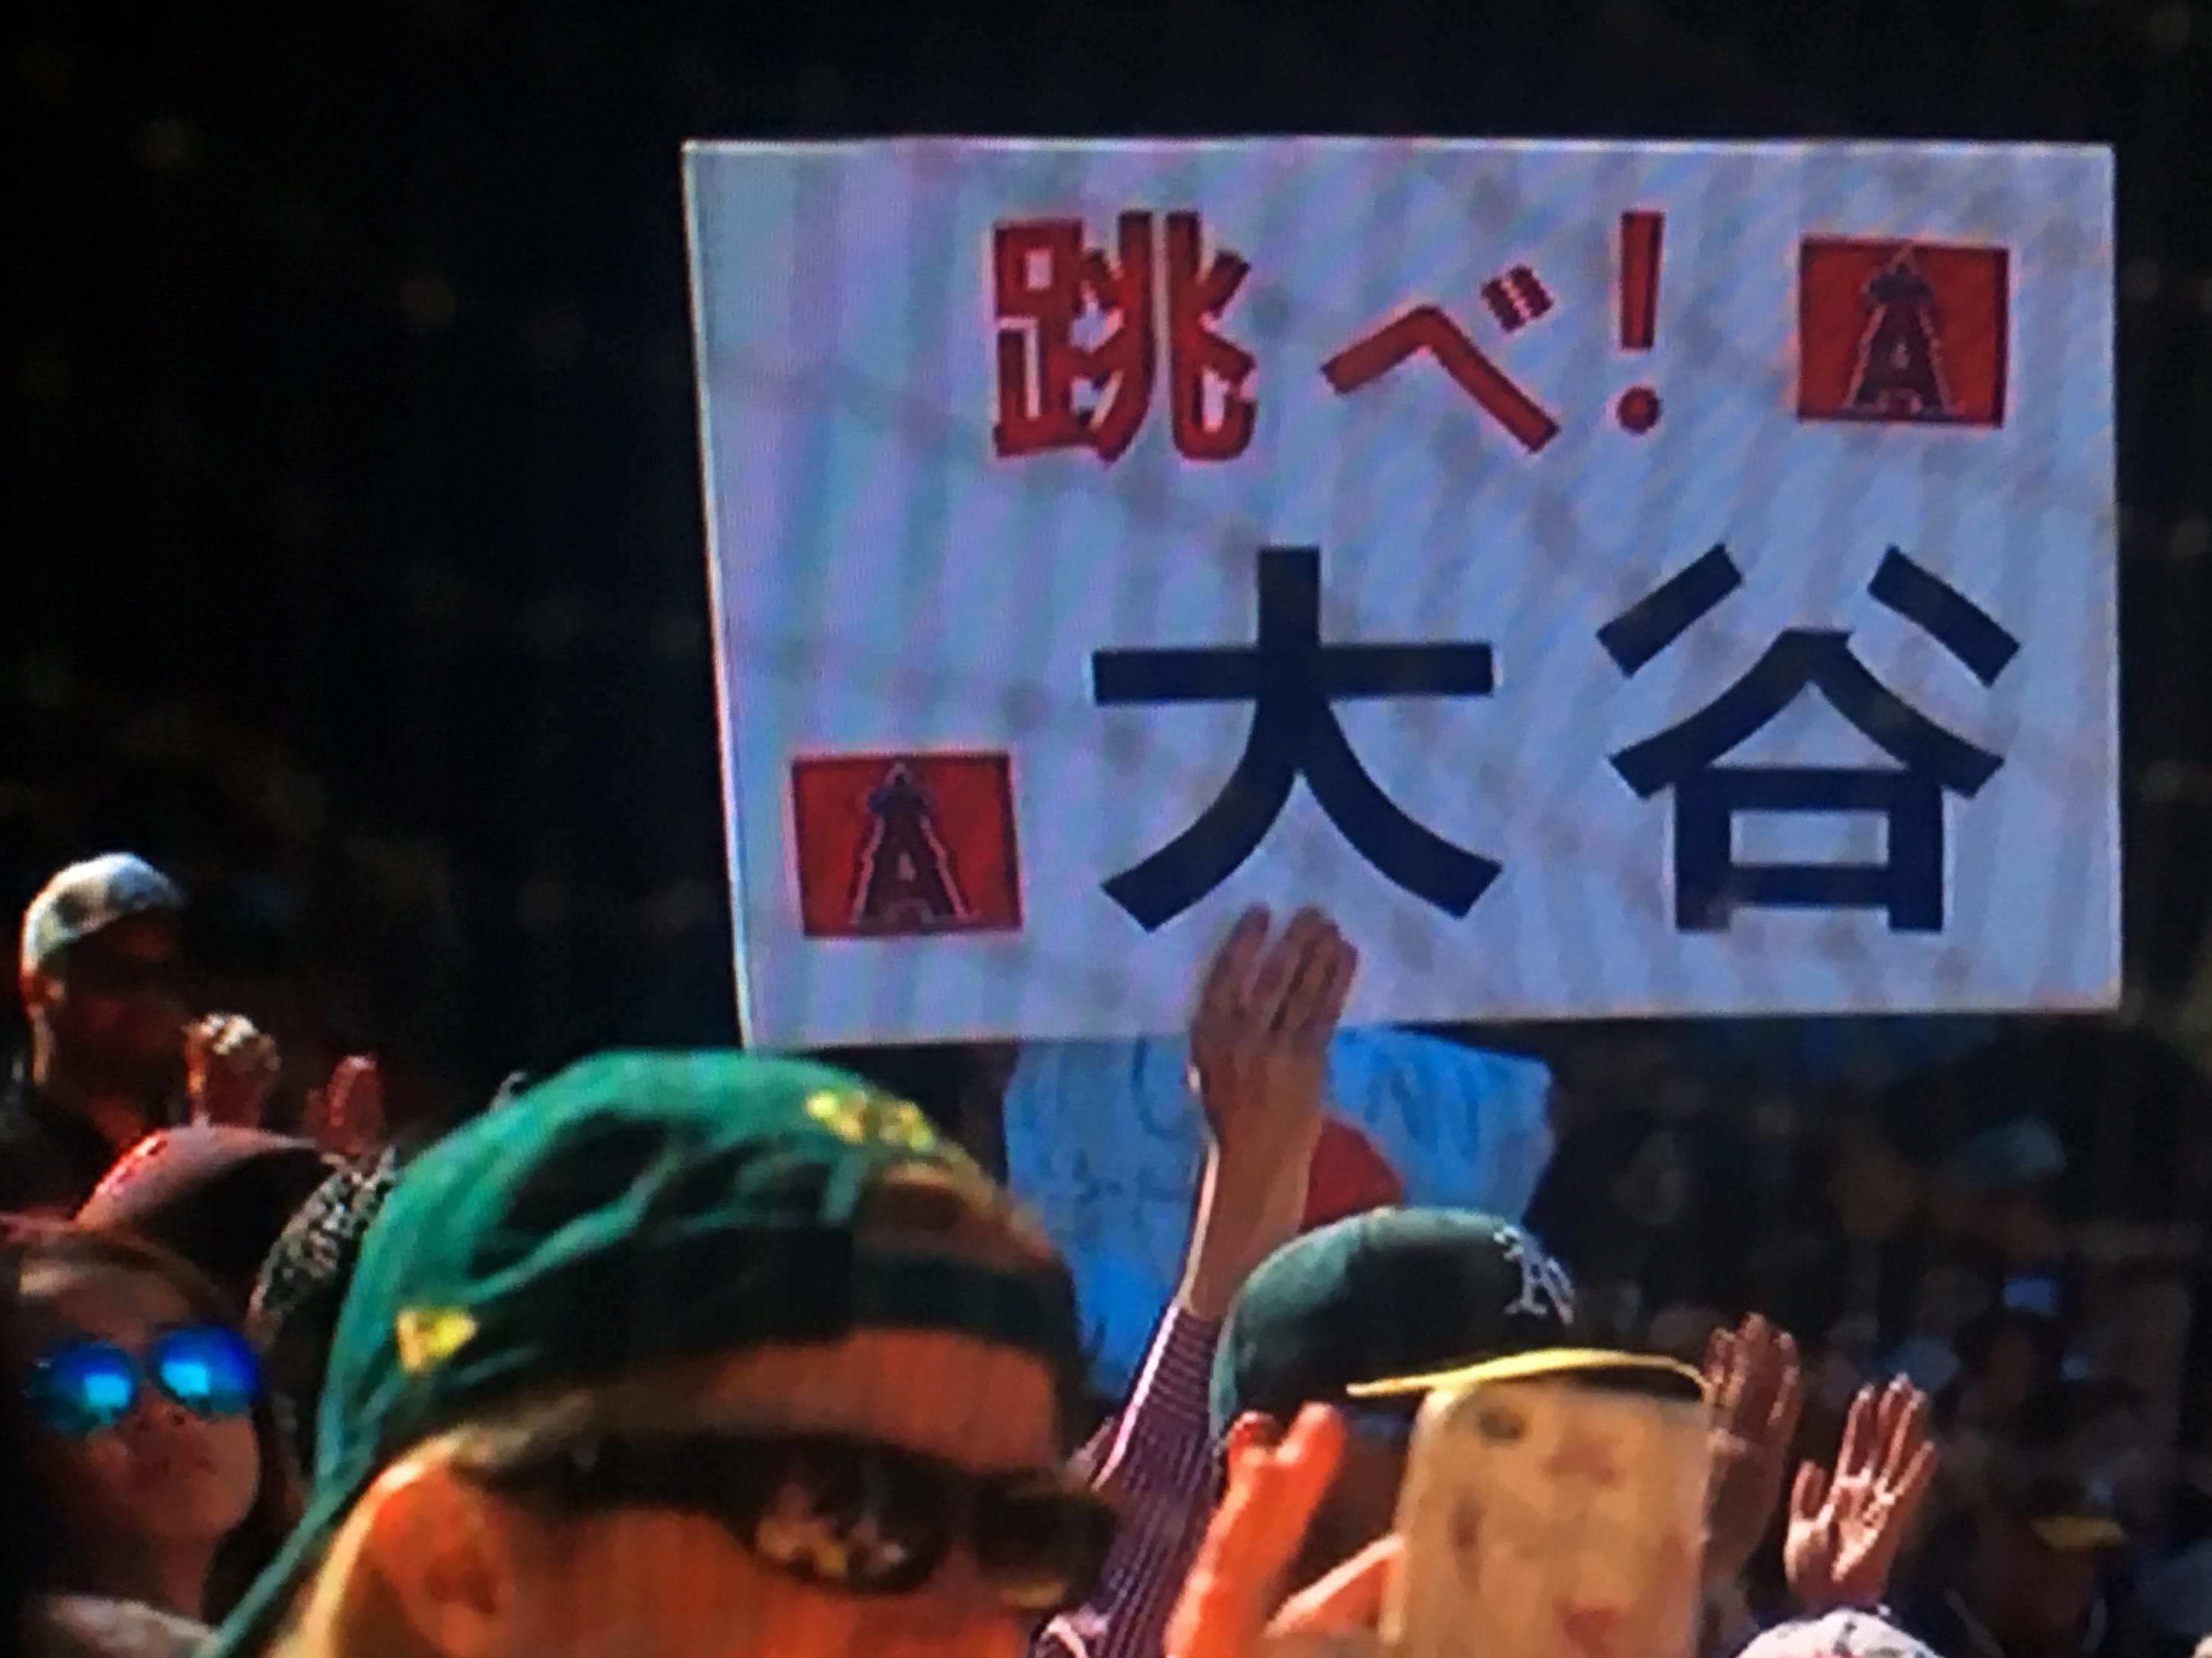 大谷翔平という才能と希望